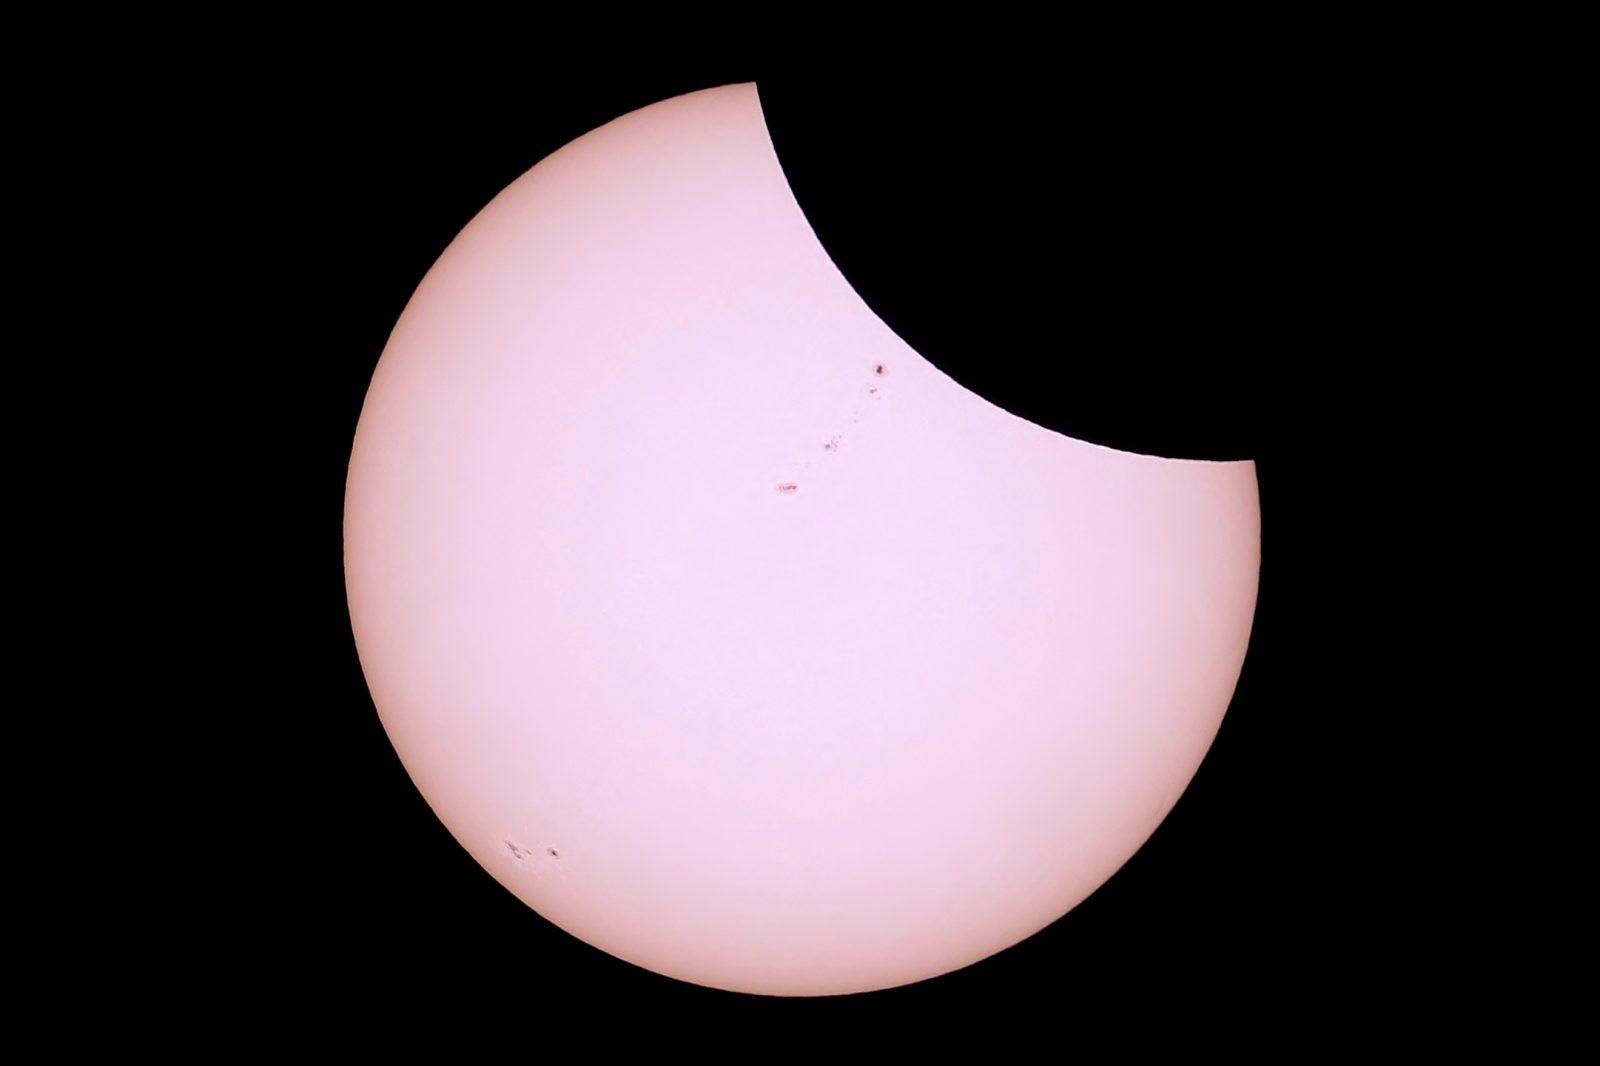 Phase partielle de l'éclipse solaire en 2017, aux Etats-Unis. Photo de Julien Totems ; tous droits réservés.